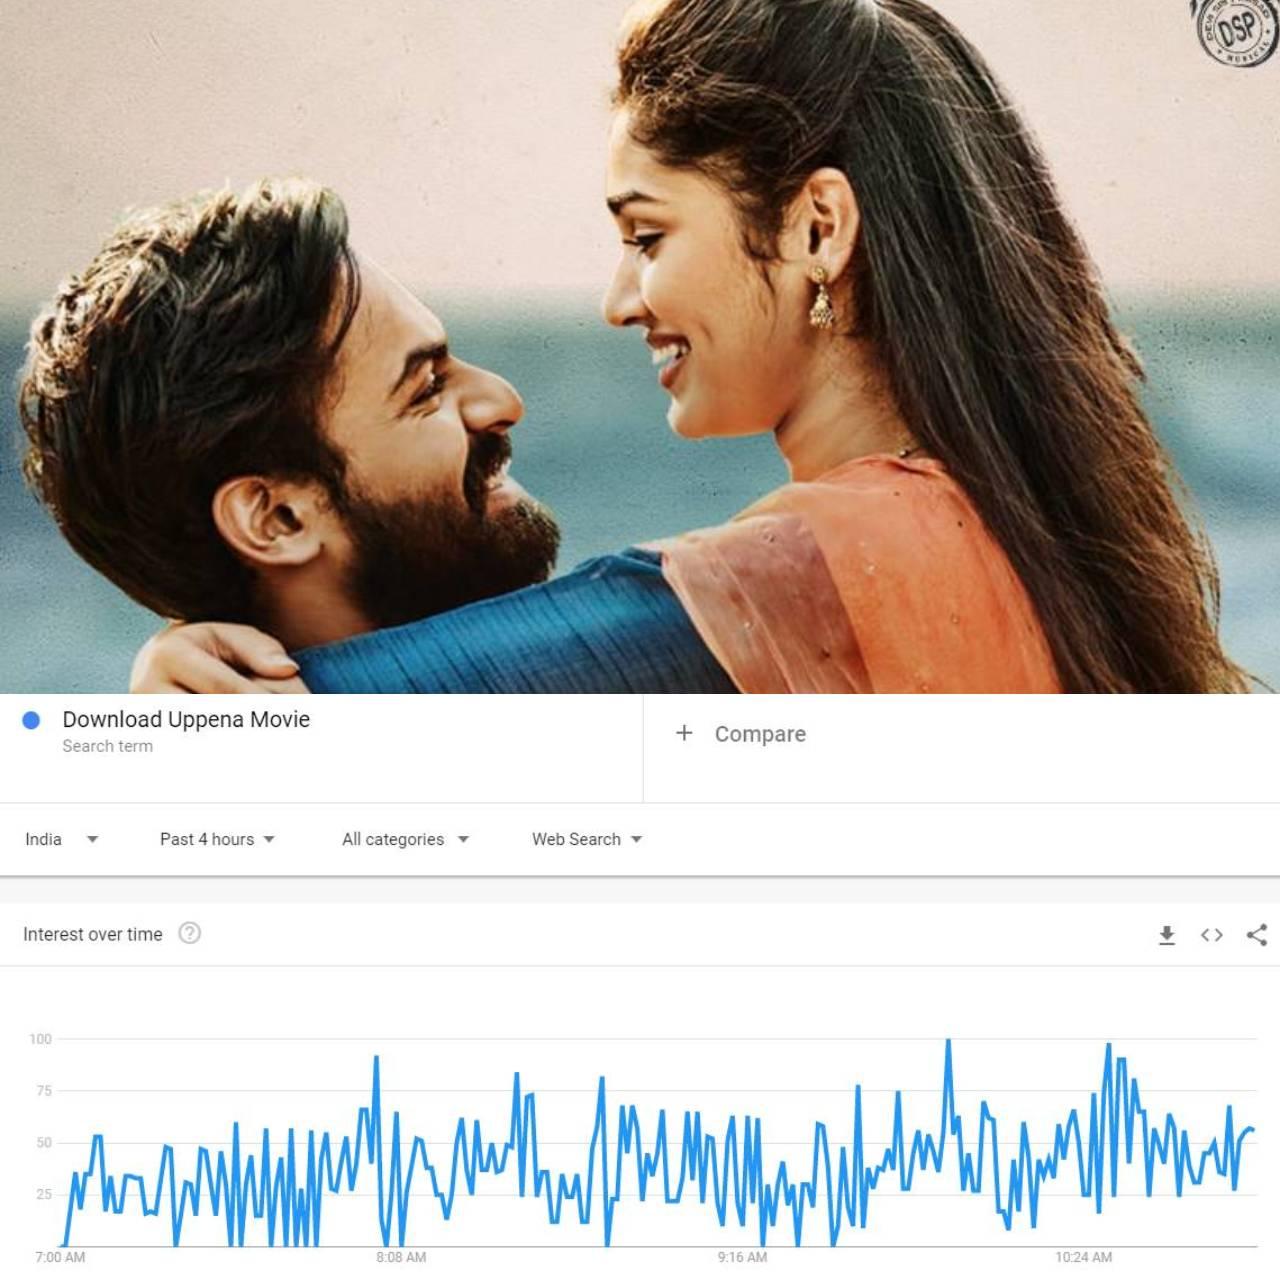 Download Uppena Movie trending on Google Trends